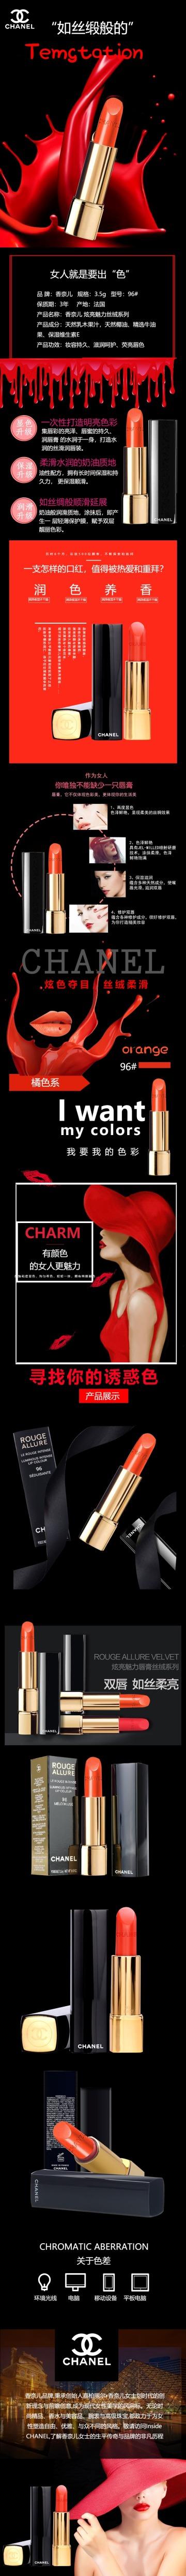 浪漫优雅美妆口红电商详情页